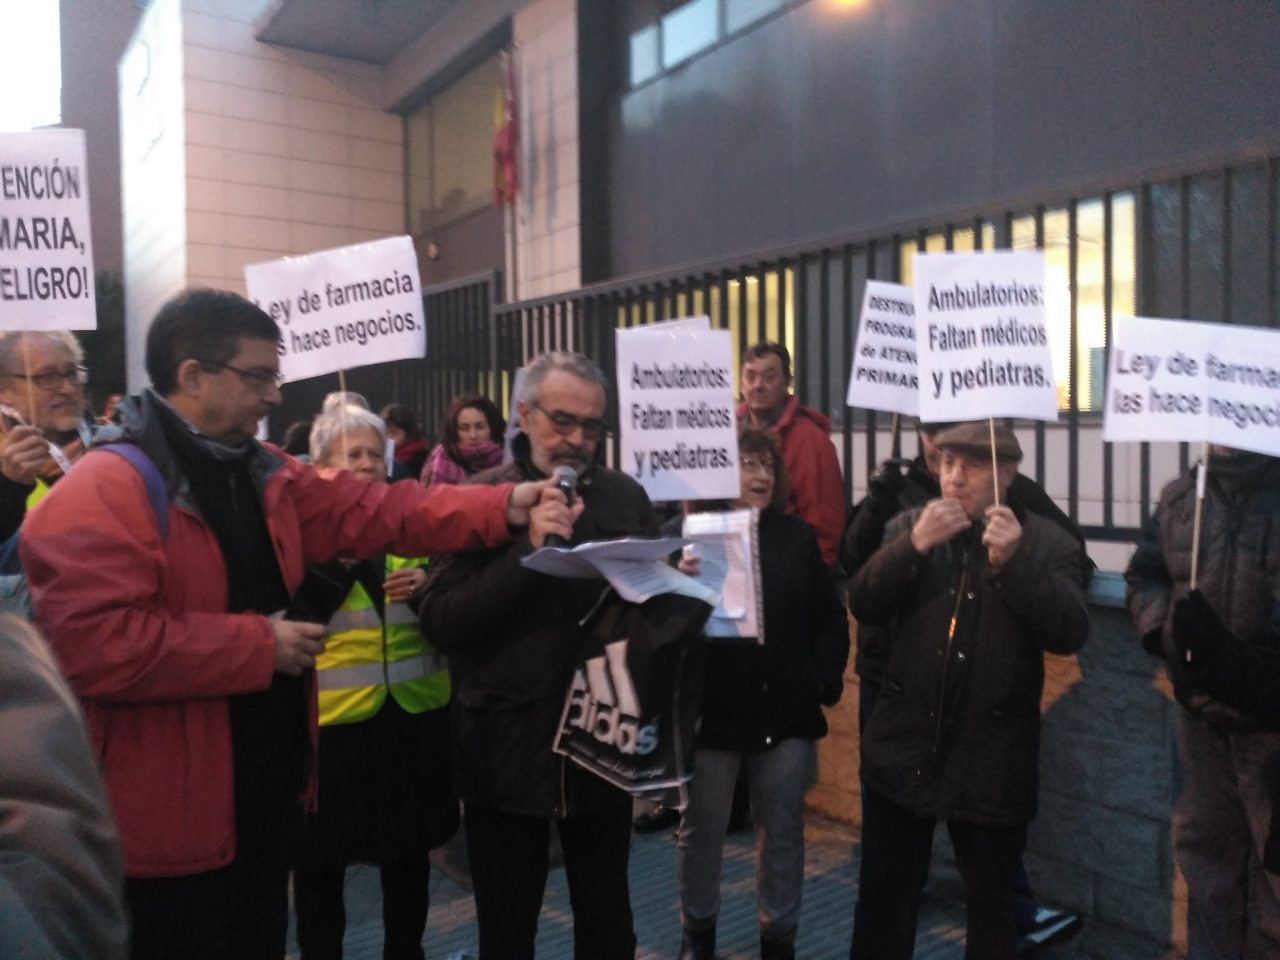 Mañana, 16 de enero, nos movemos en defensa de la Atención Primaria